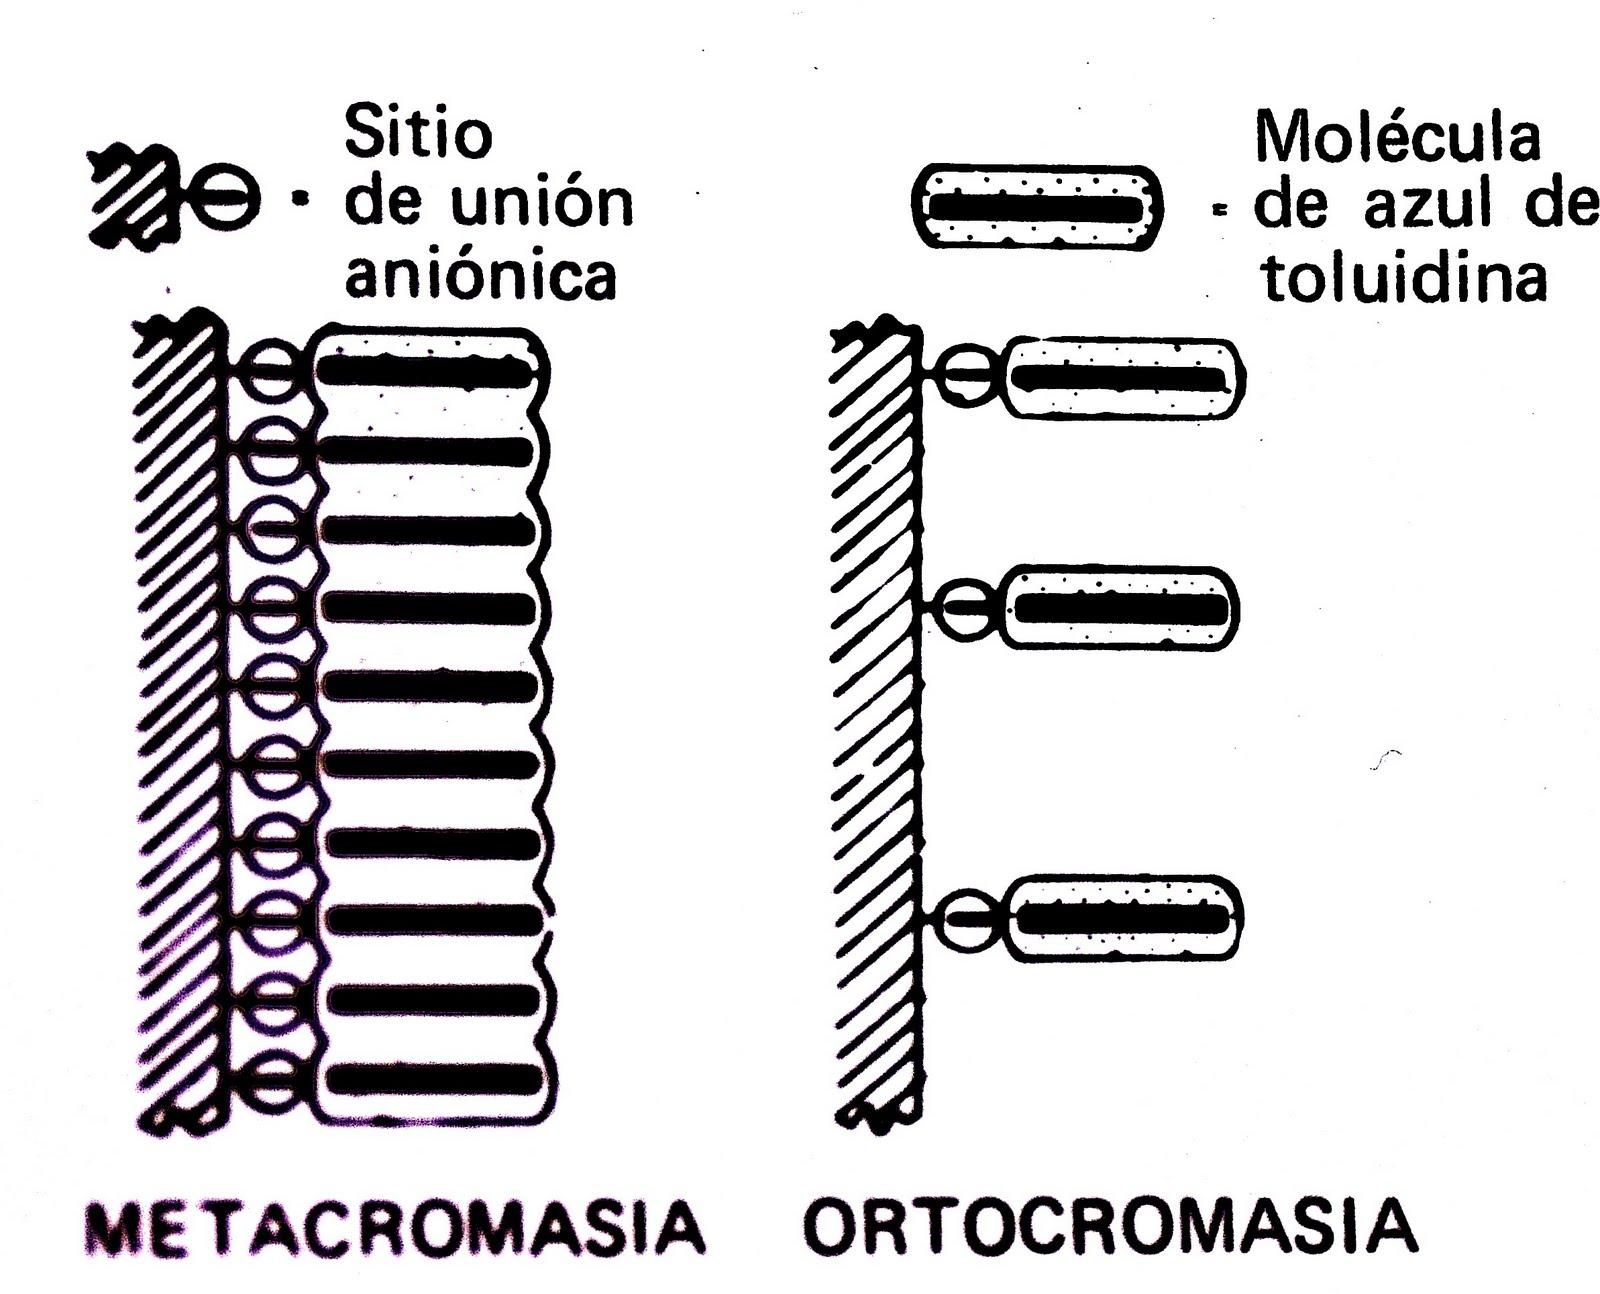 histopatologia forense